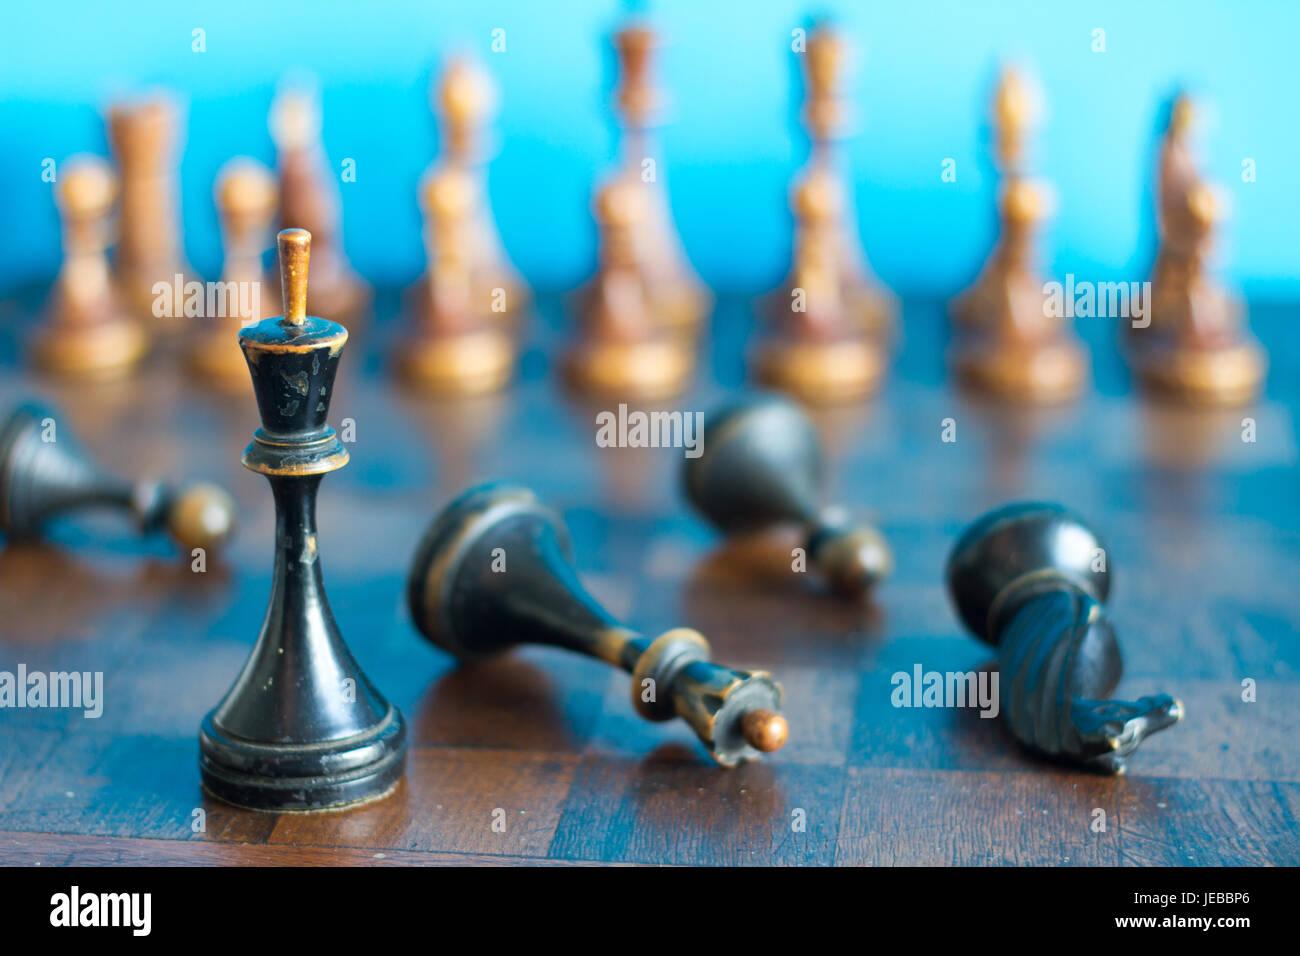 Antiguas piezas de ajedrez de madera en un viejo tablero de ajedrez. Sobre un fondo azul. Foto de stock